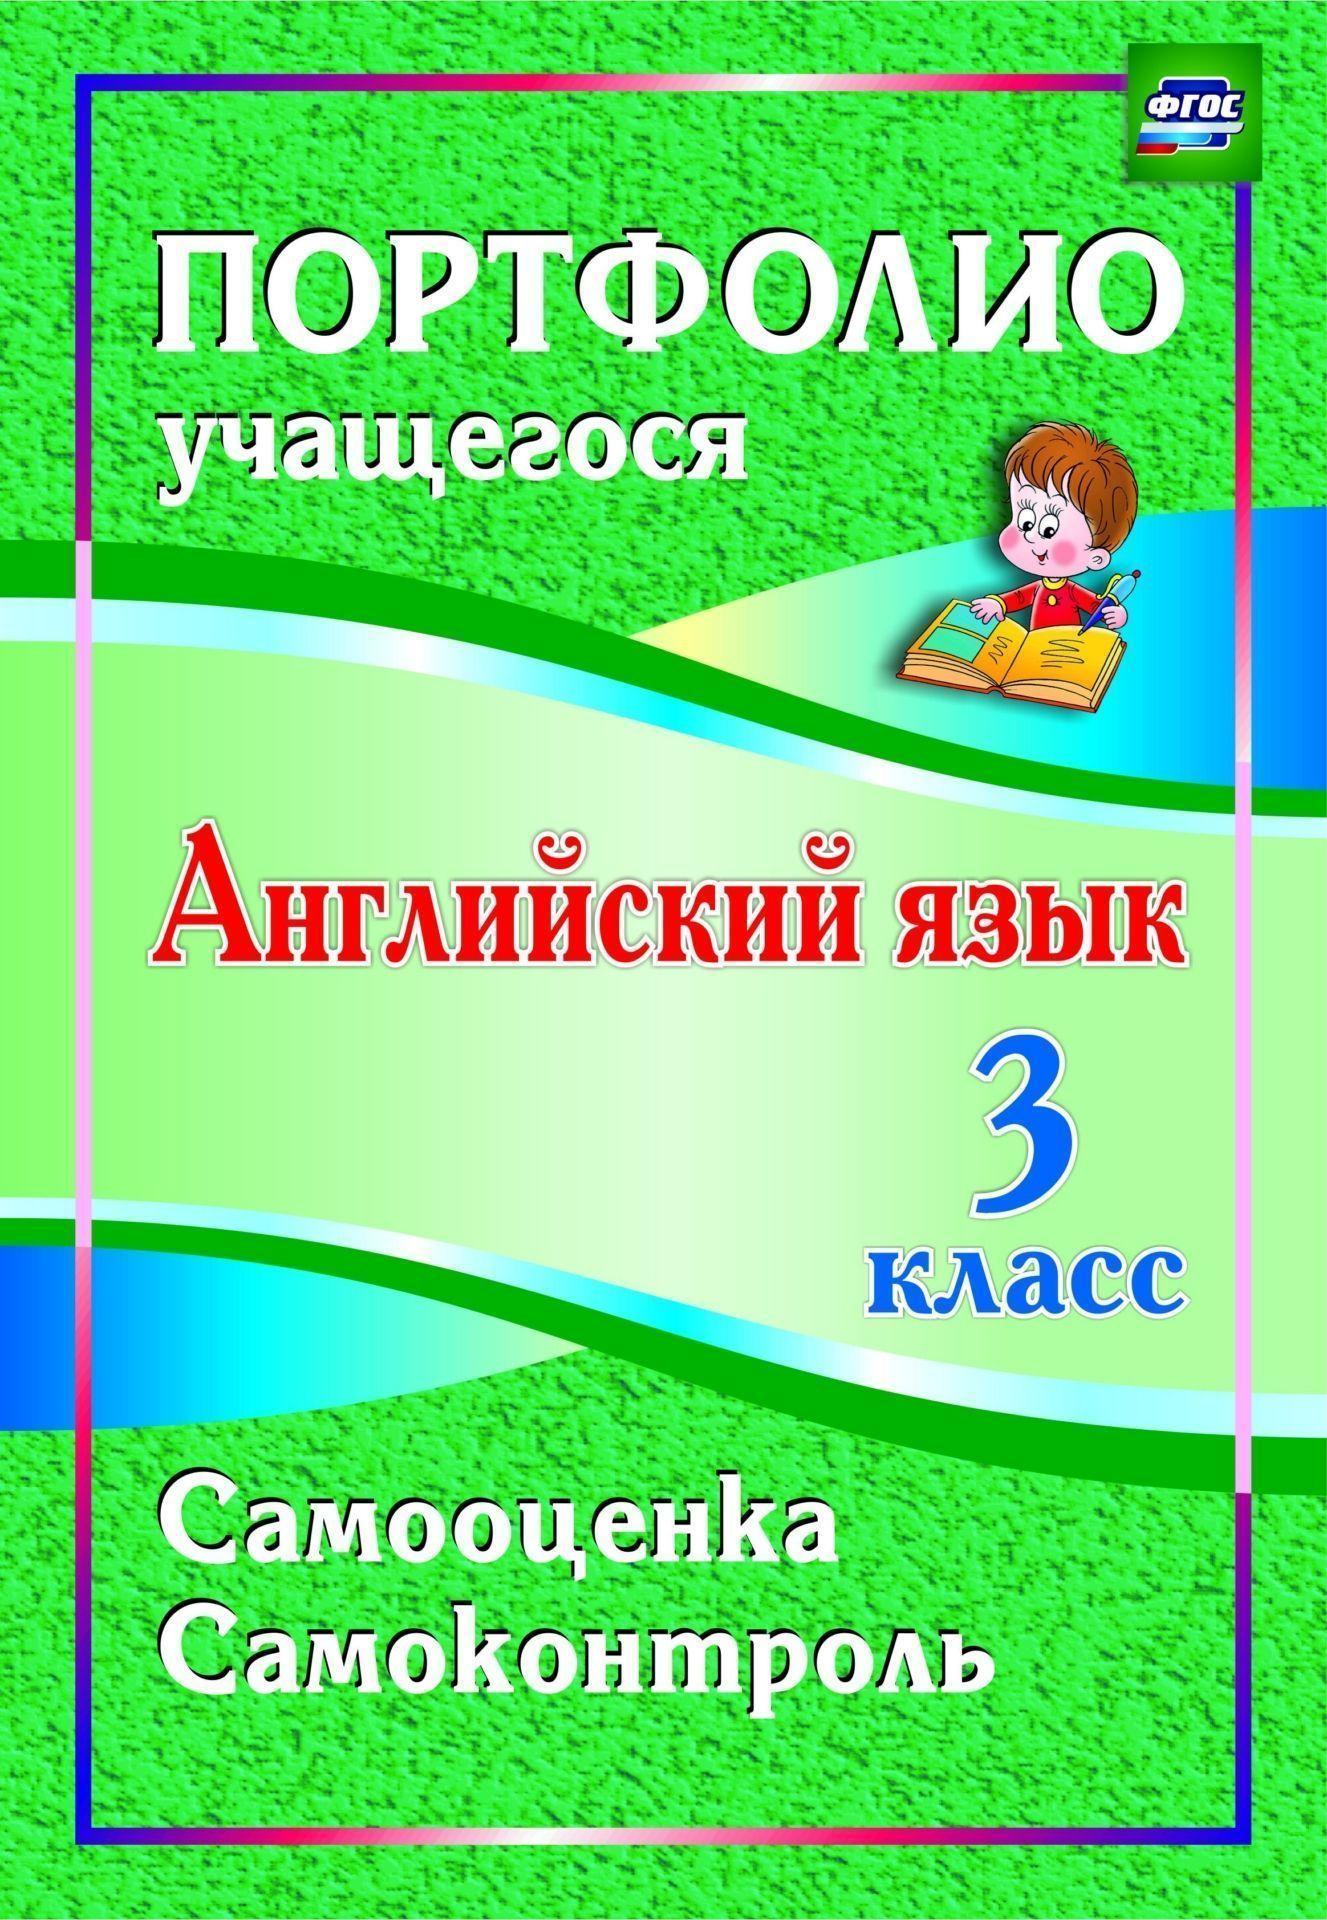 Английский язык. 3 класс. Самооценка. Самоконтроль